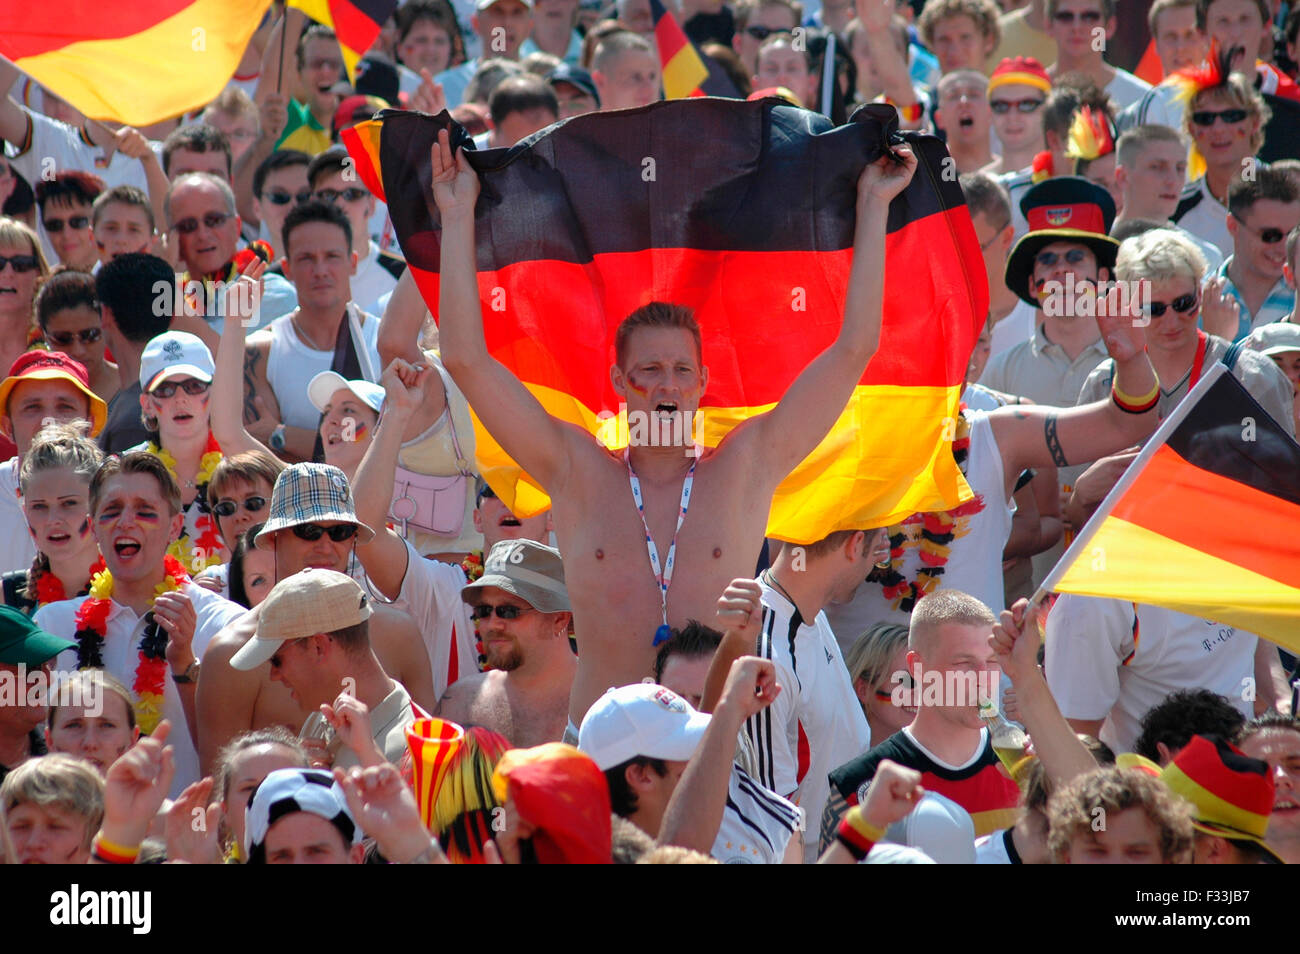 deutsche Fans vor dem Achtelfinale bei der Fussballweltmeisterschaft 2006 zwischen Deutschland und Schweden am 24. Juni 2006, Fa Stock Photo